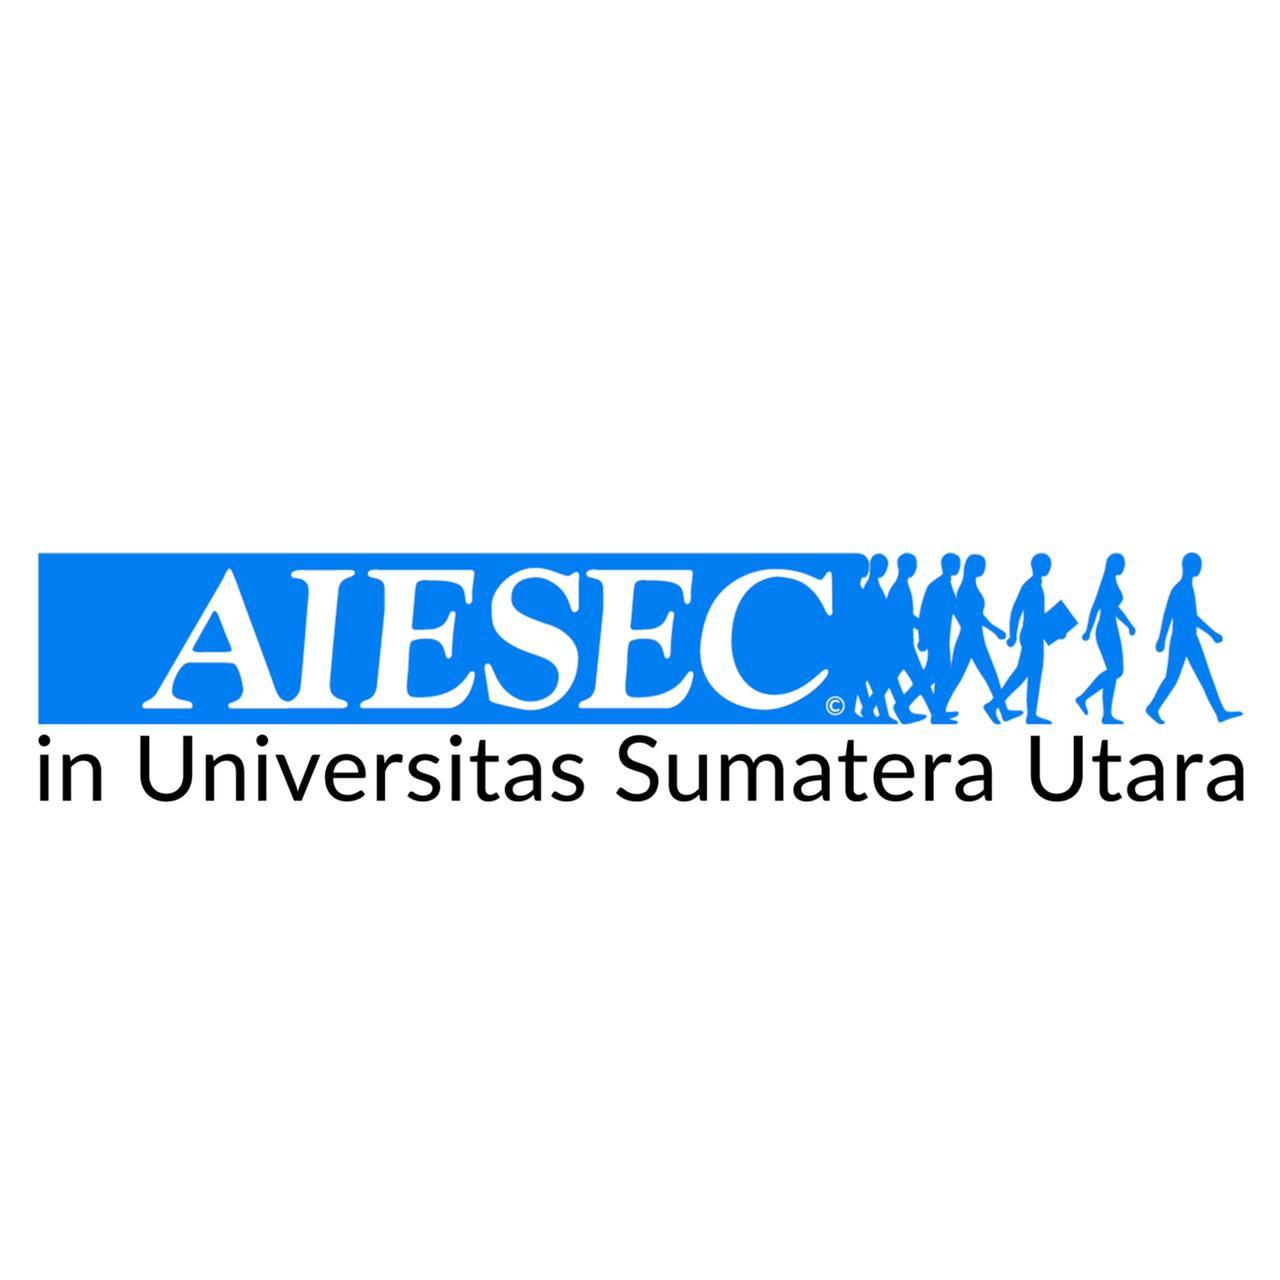 AIESEC in USU